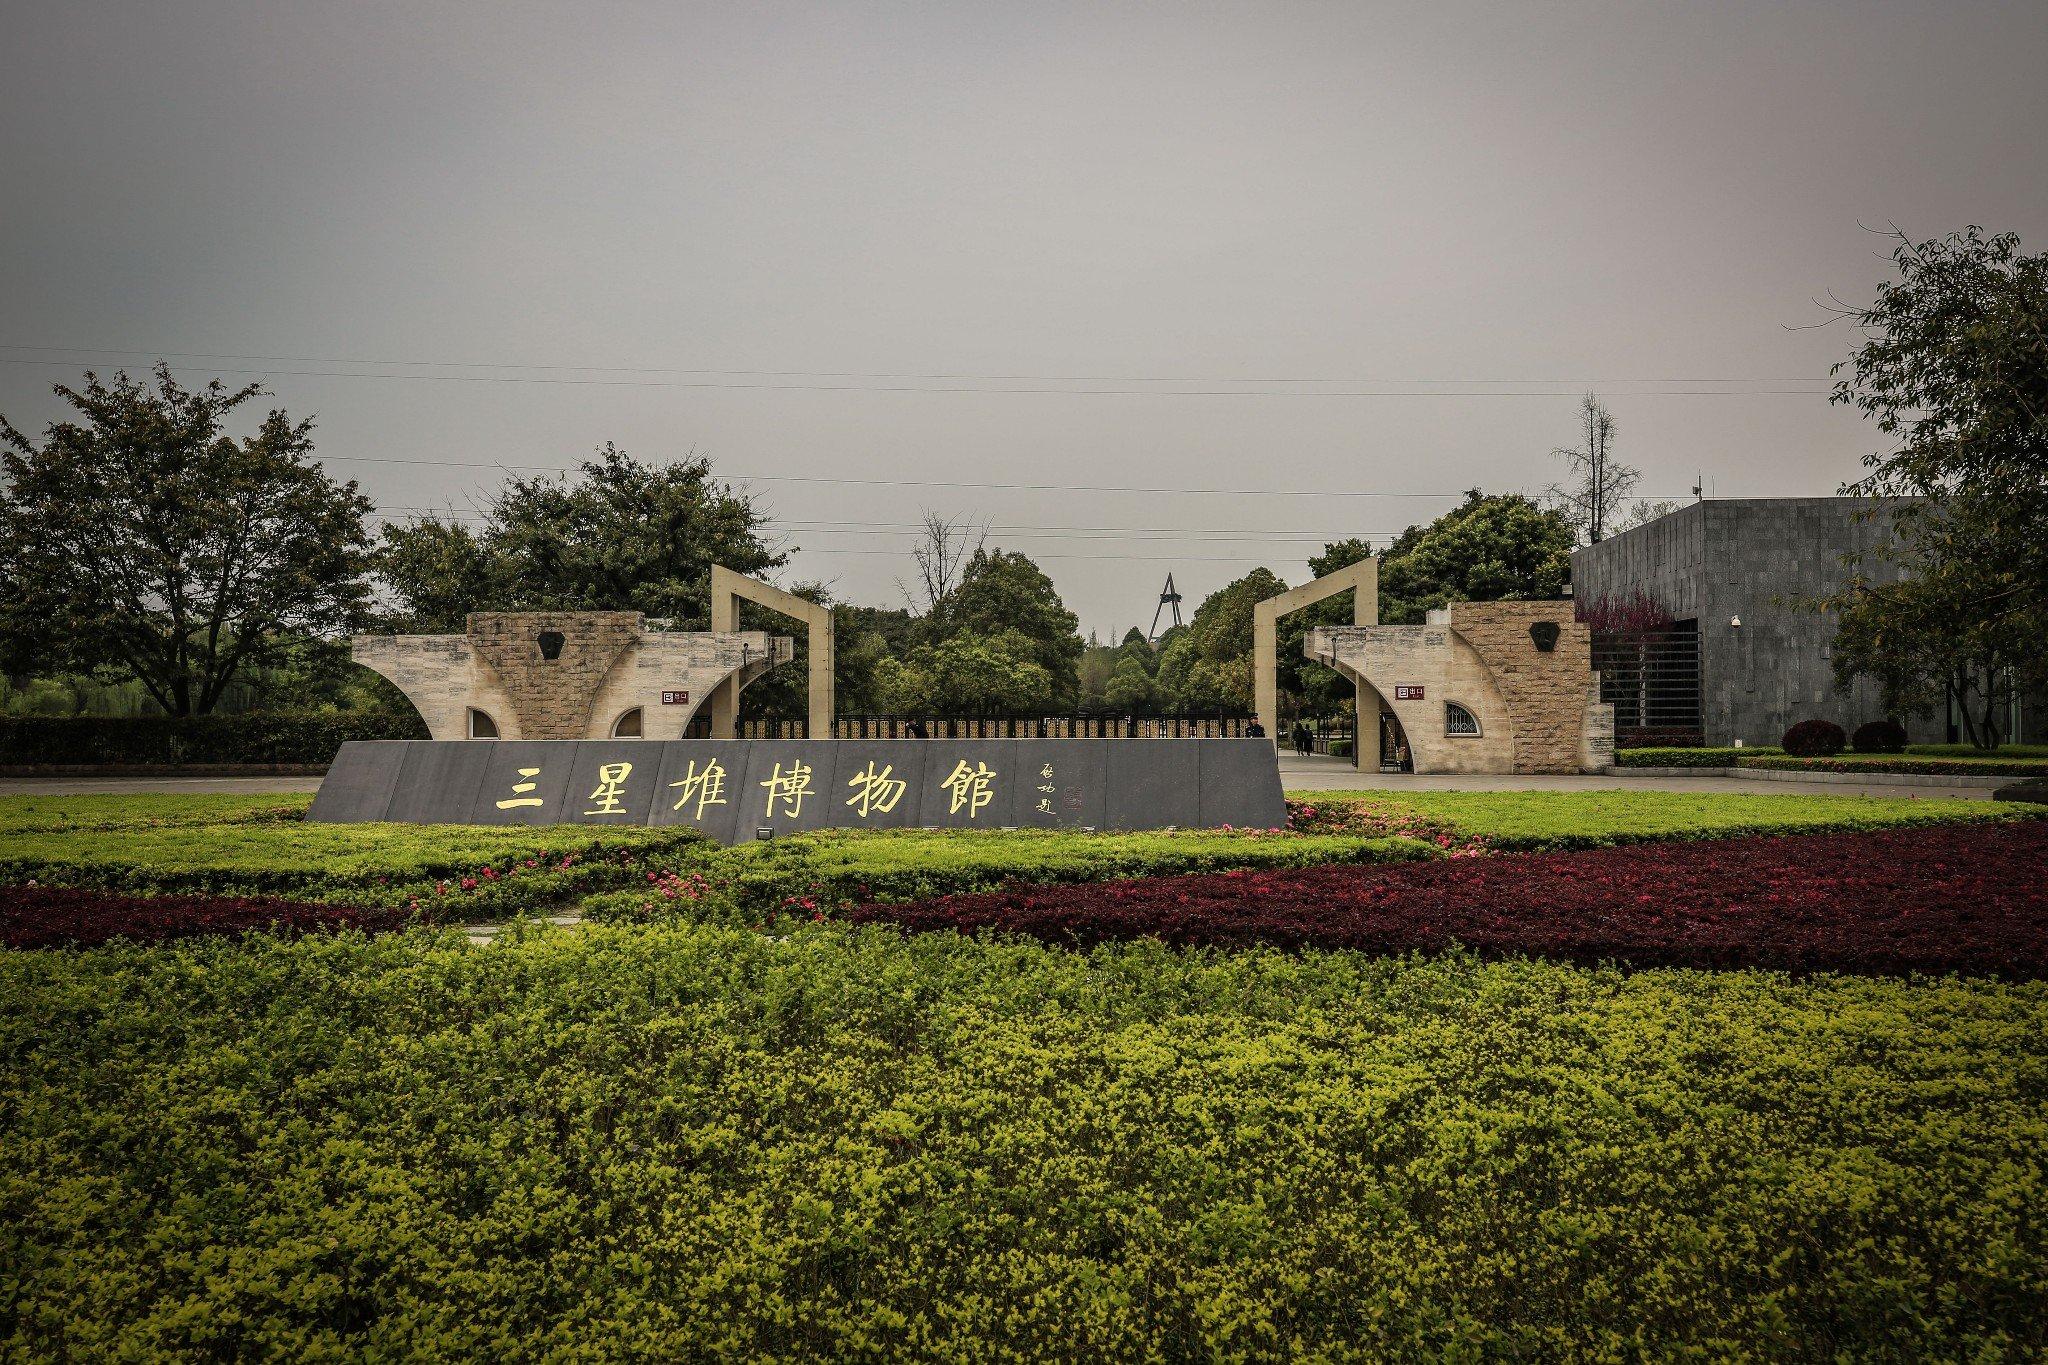 2019三星堆博物館游玩攻略,三星堆遺址位于廣漢,單程.